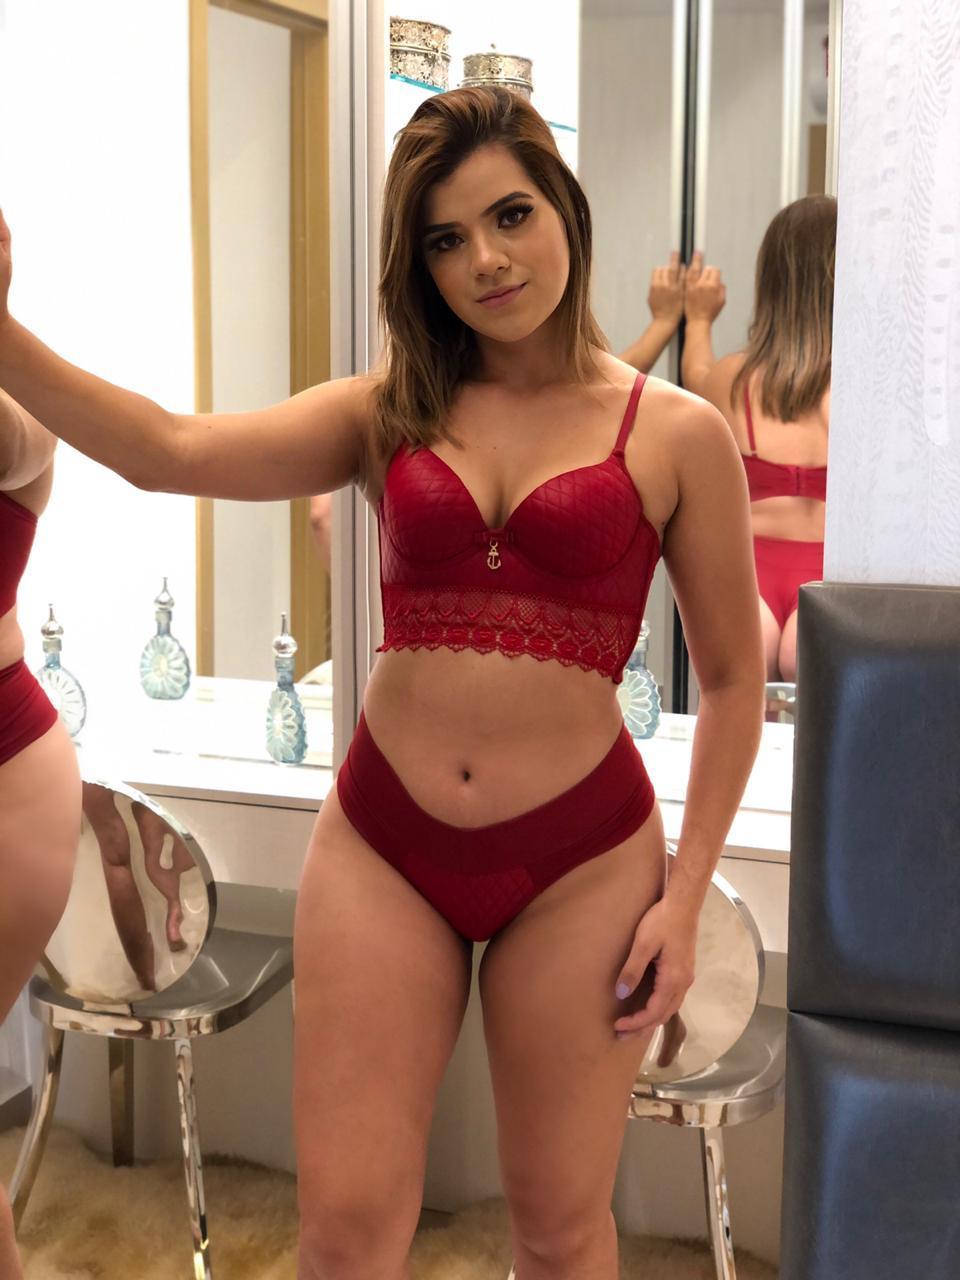 Conjunto lingerie couro - Thauanny lingerie